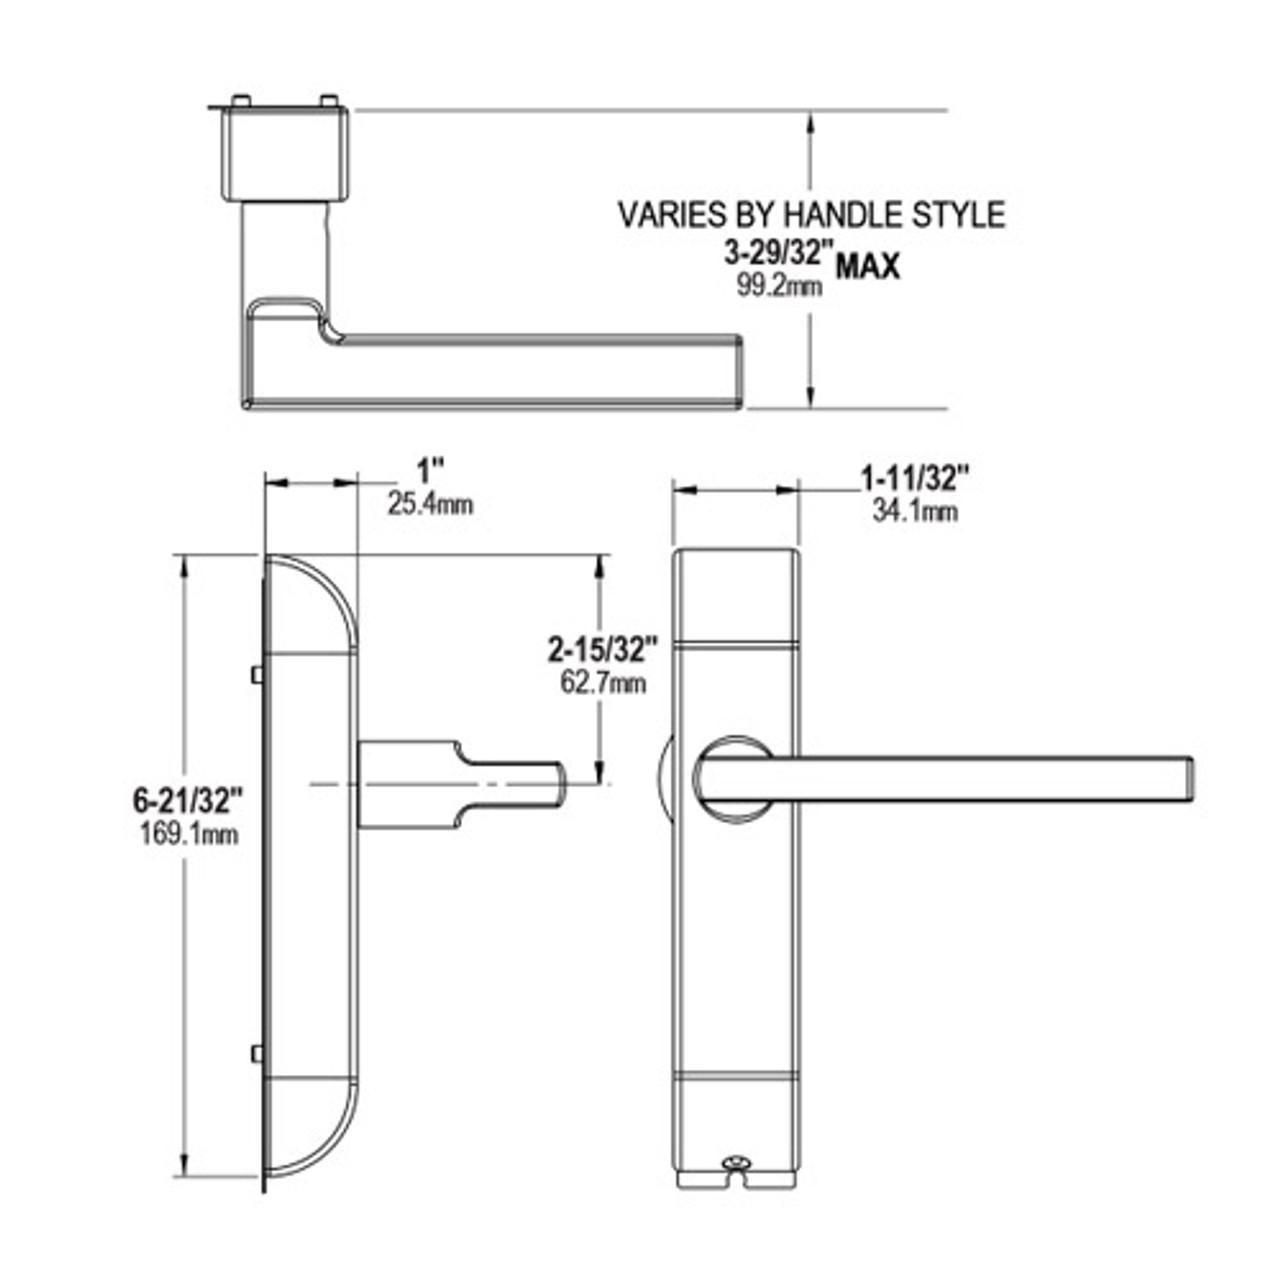 4600M-MN-642-US3 Adams Rite MN Designer handle Dimensional View